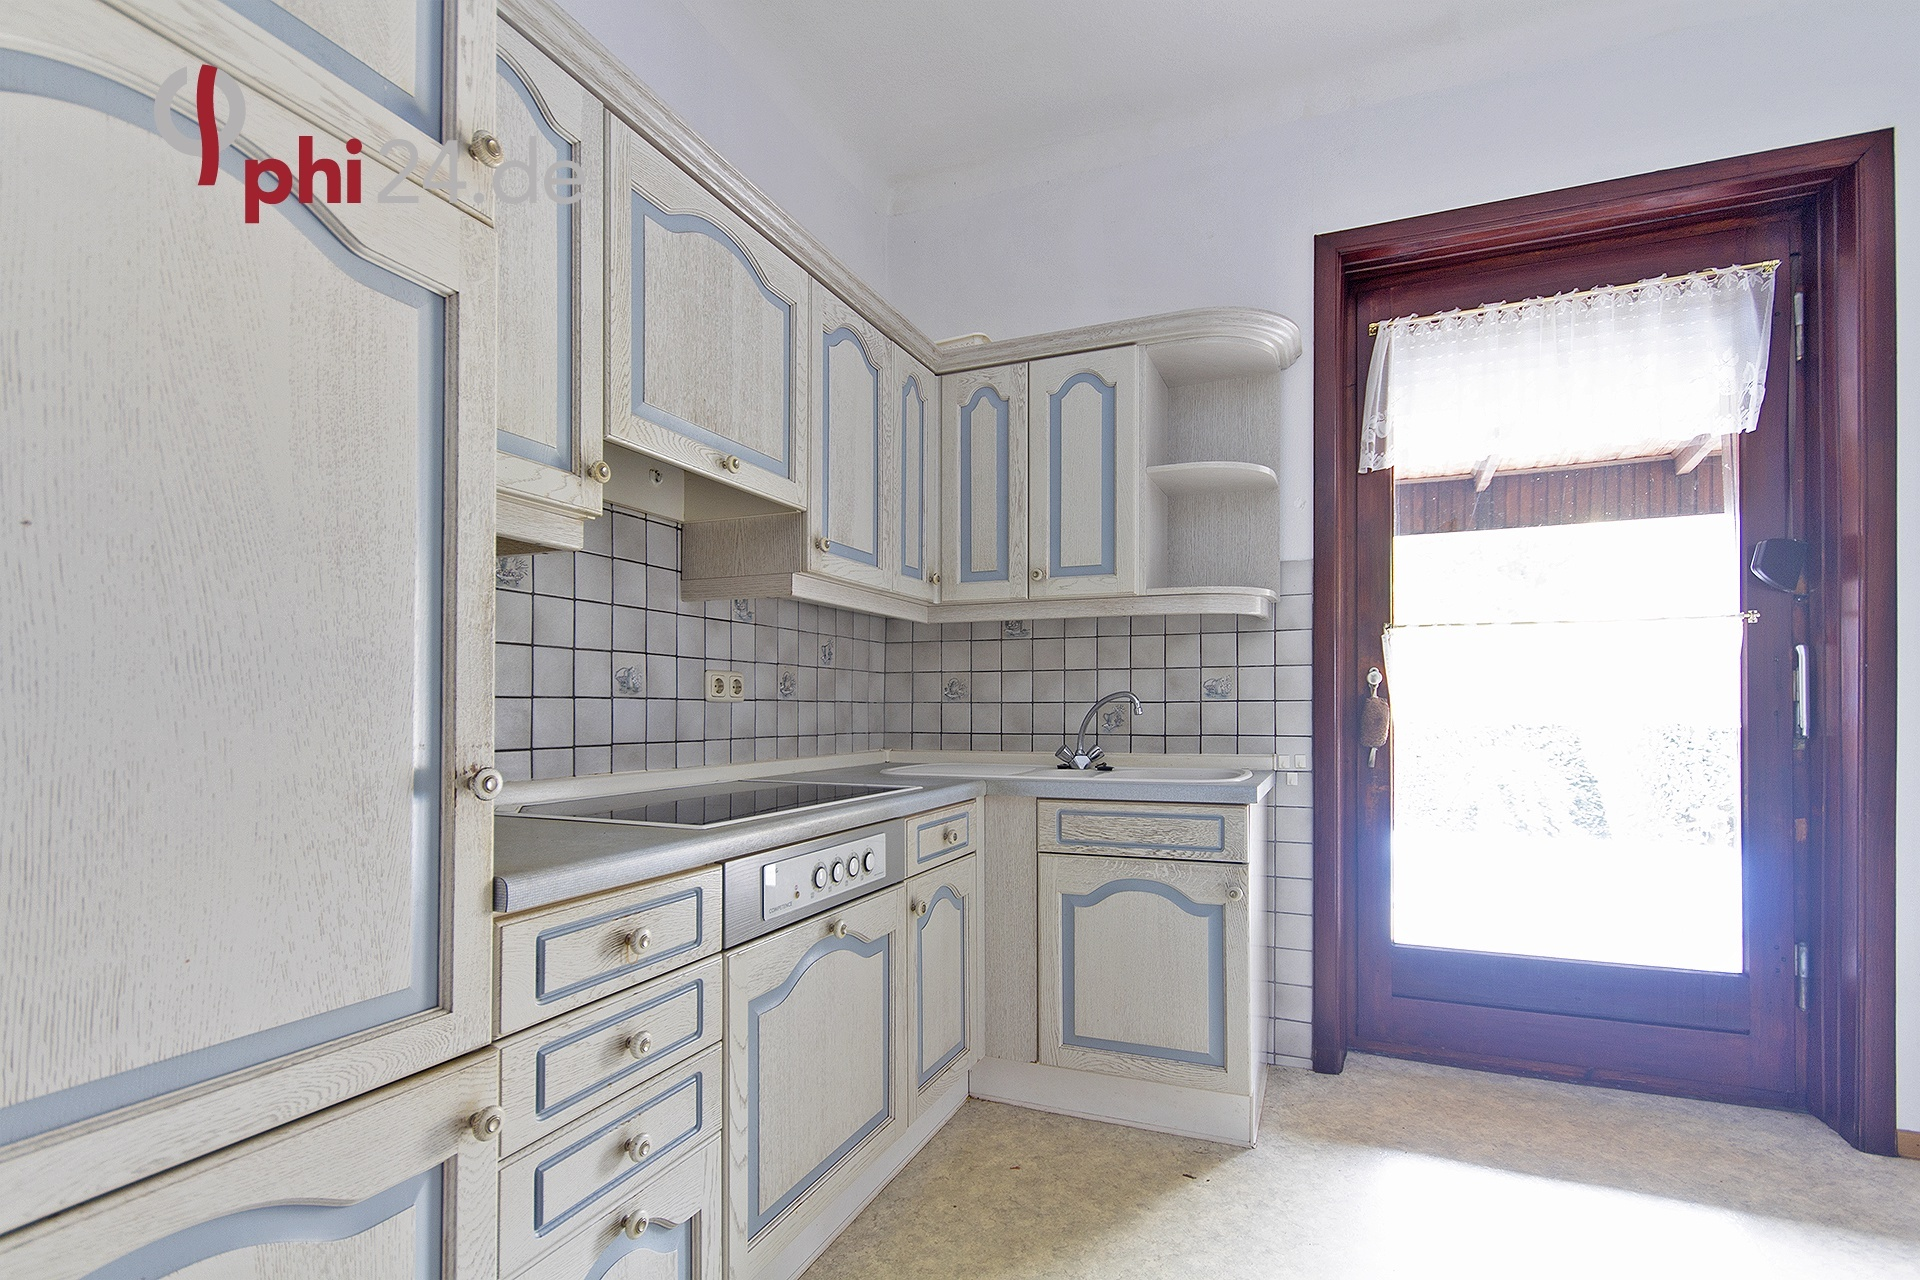 Immobilienmakler Stolberg Mehrfamilienhaus referenzen mit Immobilienbewertung